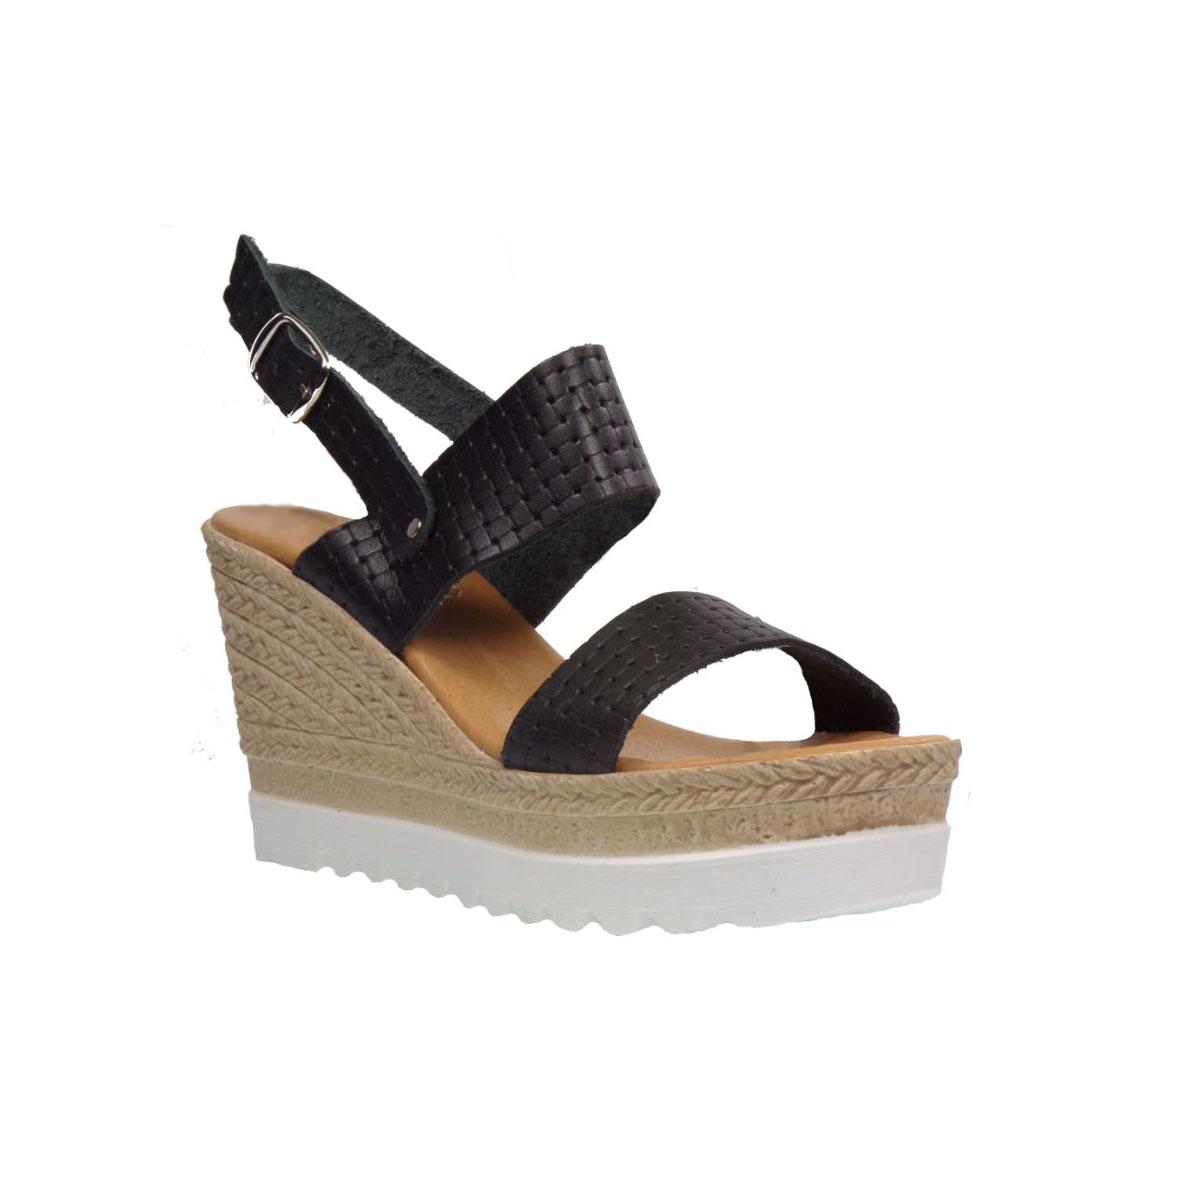 6ed0e42bf2 Tsimpolis Shoes 536 Πλατφόρμα Απο Γνήσιο Δέρμα Μαύρη